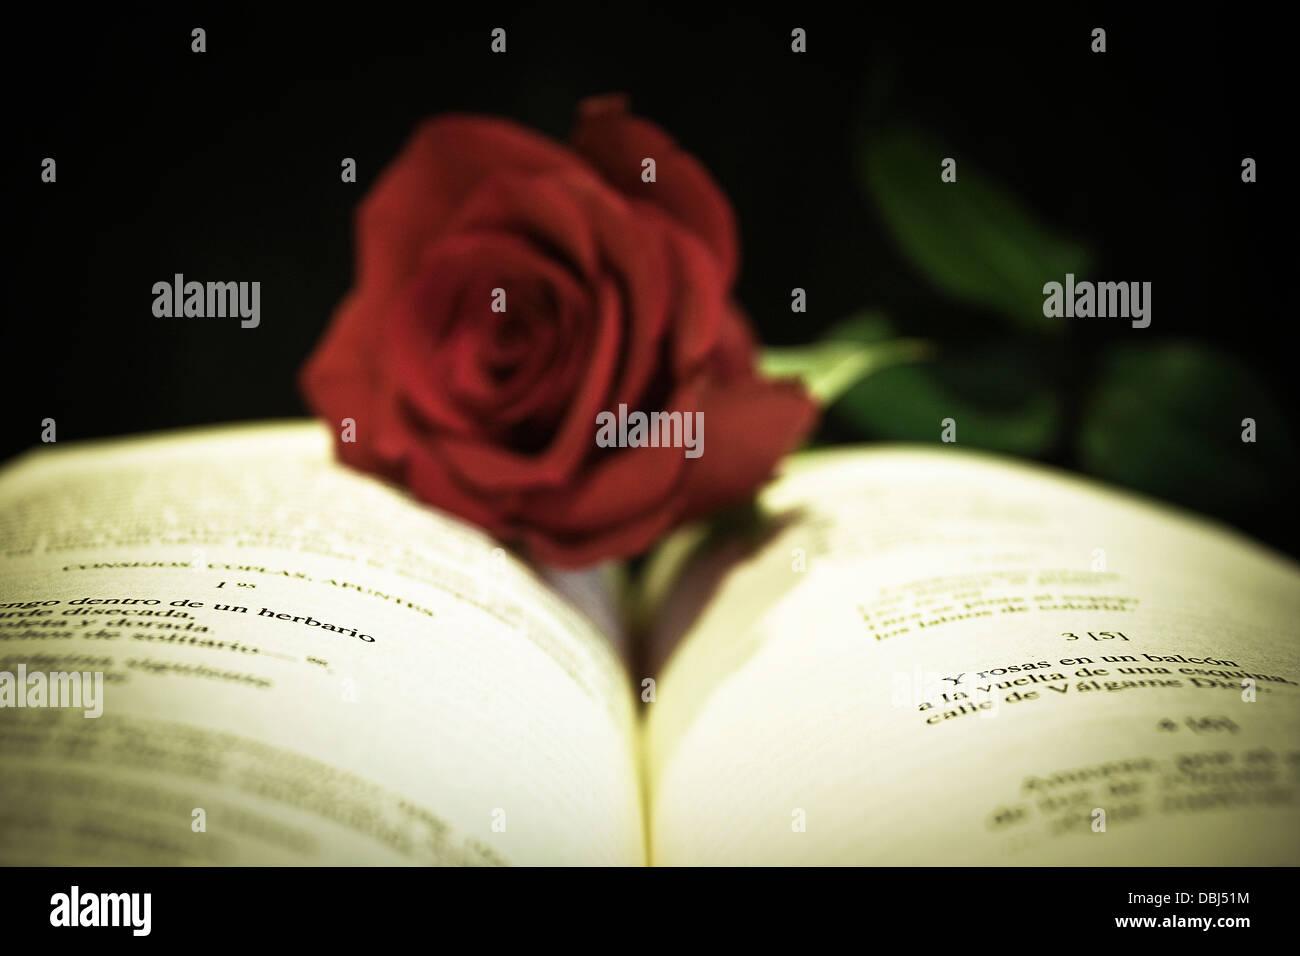 Libro Aperto Con Una Rosa Rossa Su Sfondo Nero Still Life Poetico